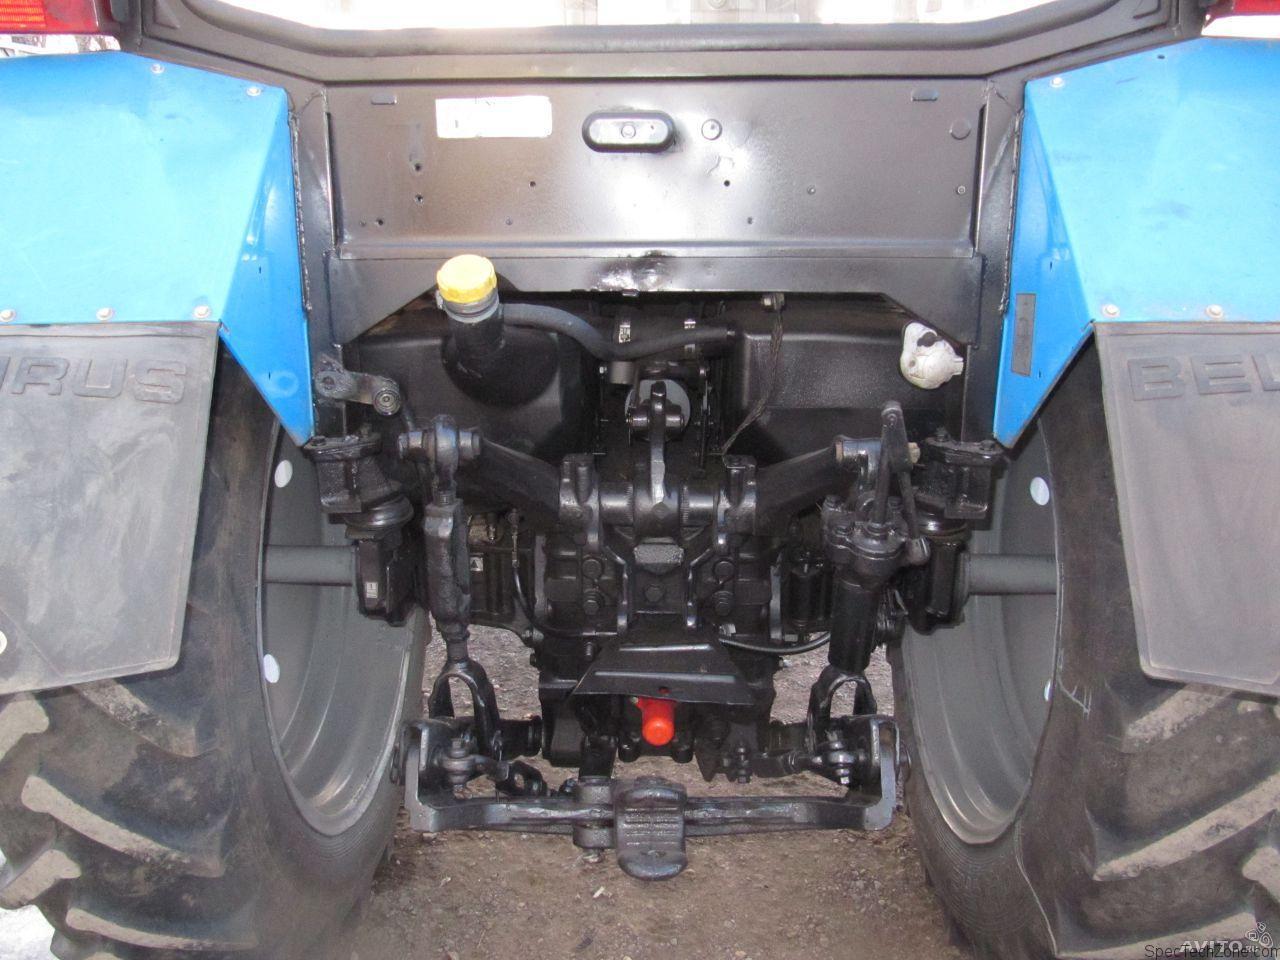 Понижающий редуктор и корпус сцепления трактора МТЗ-80, МТЗ-82